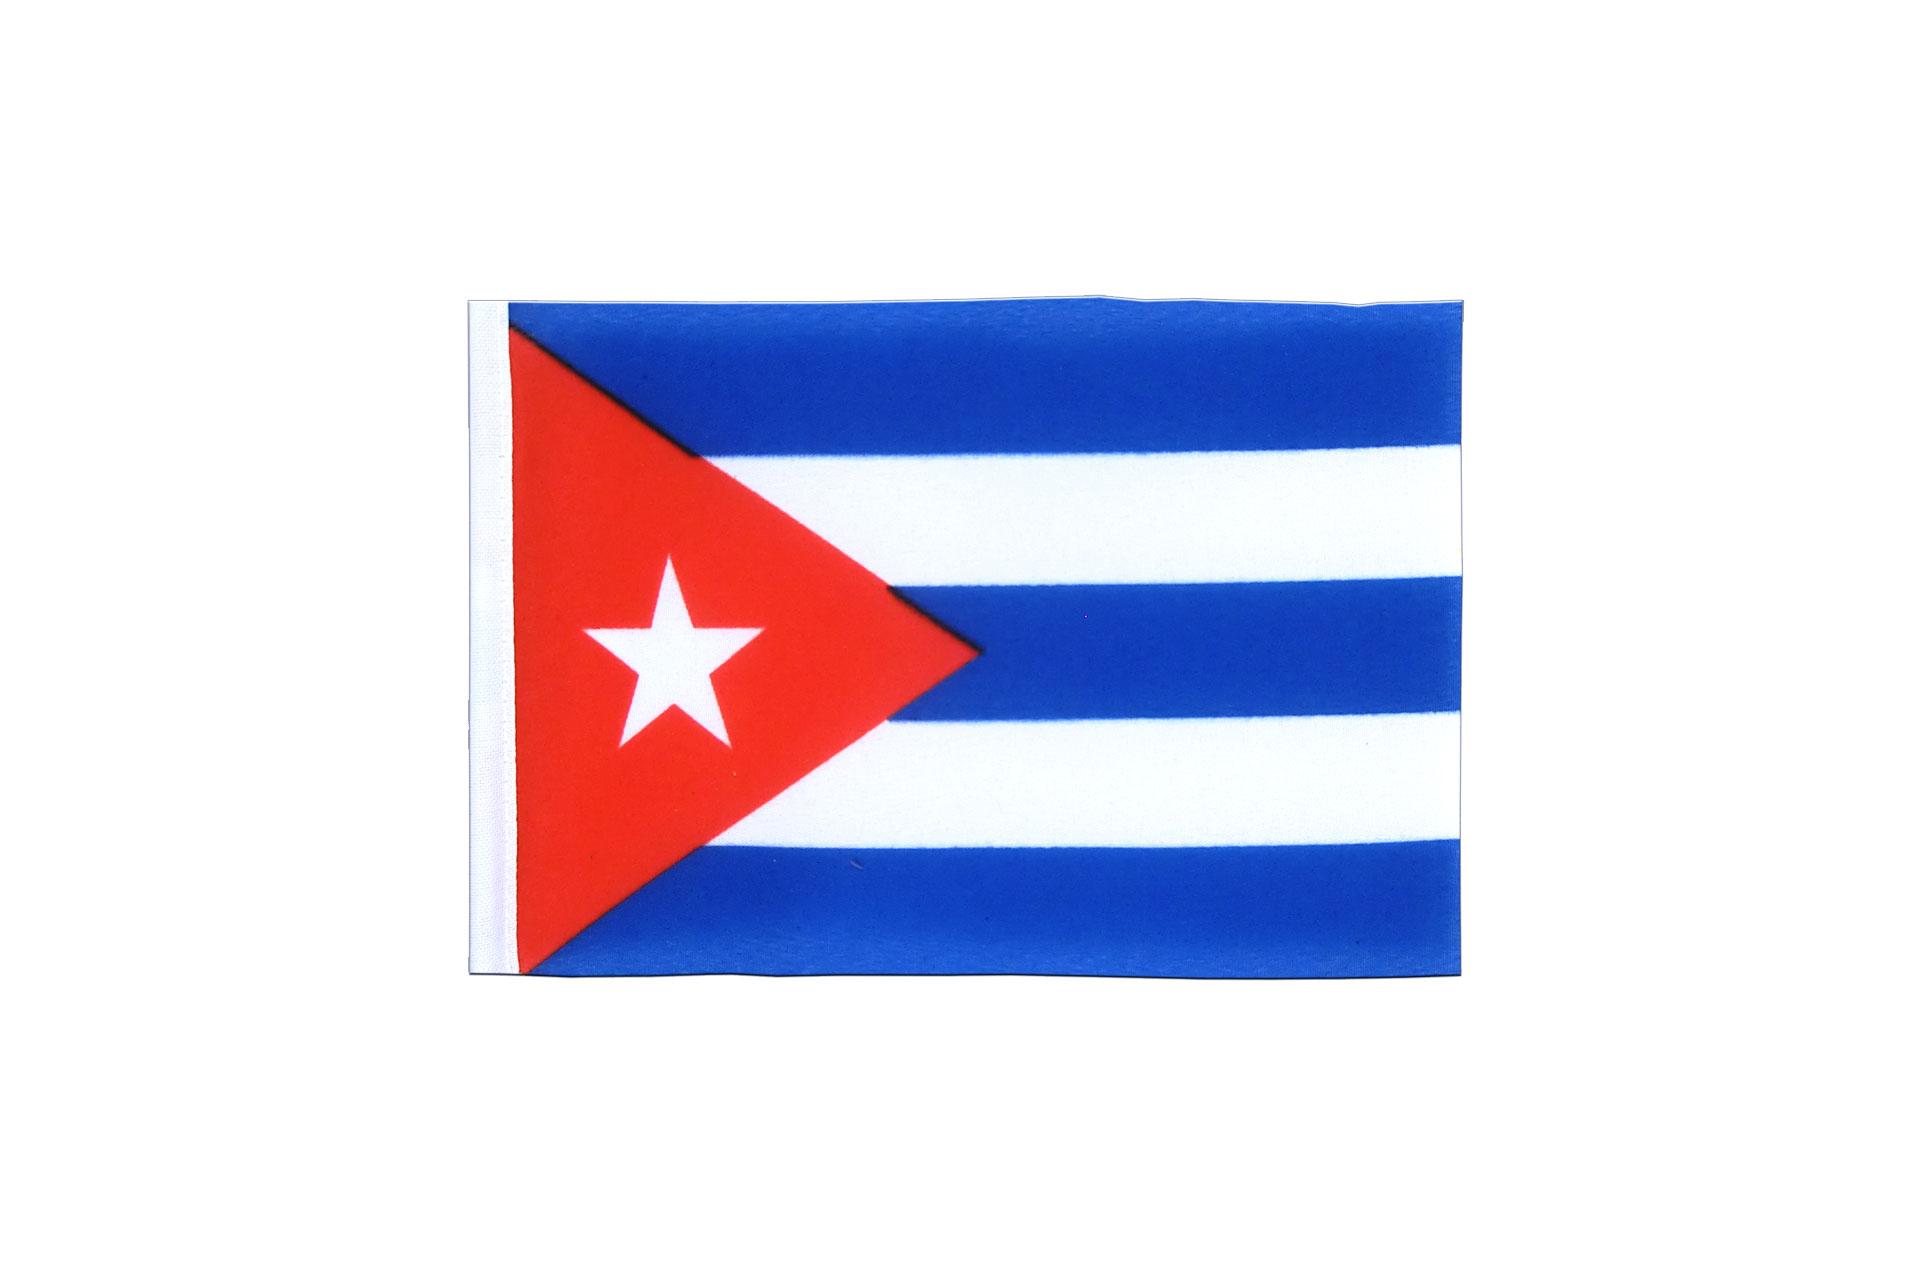 Kuba flagge kubanische f hnchen 10 x 15 cm Kuba dekoration